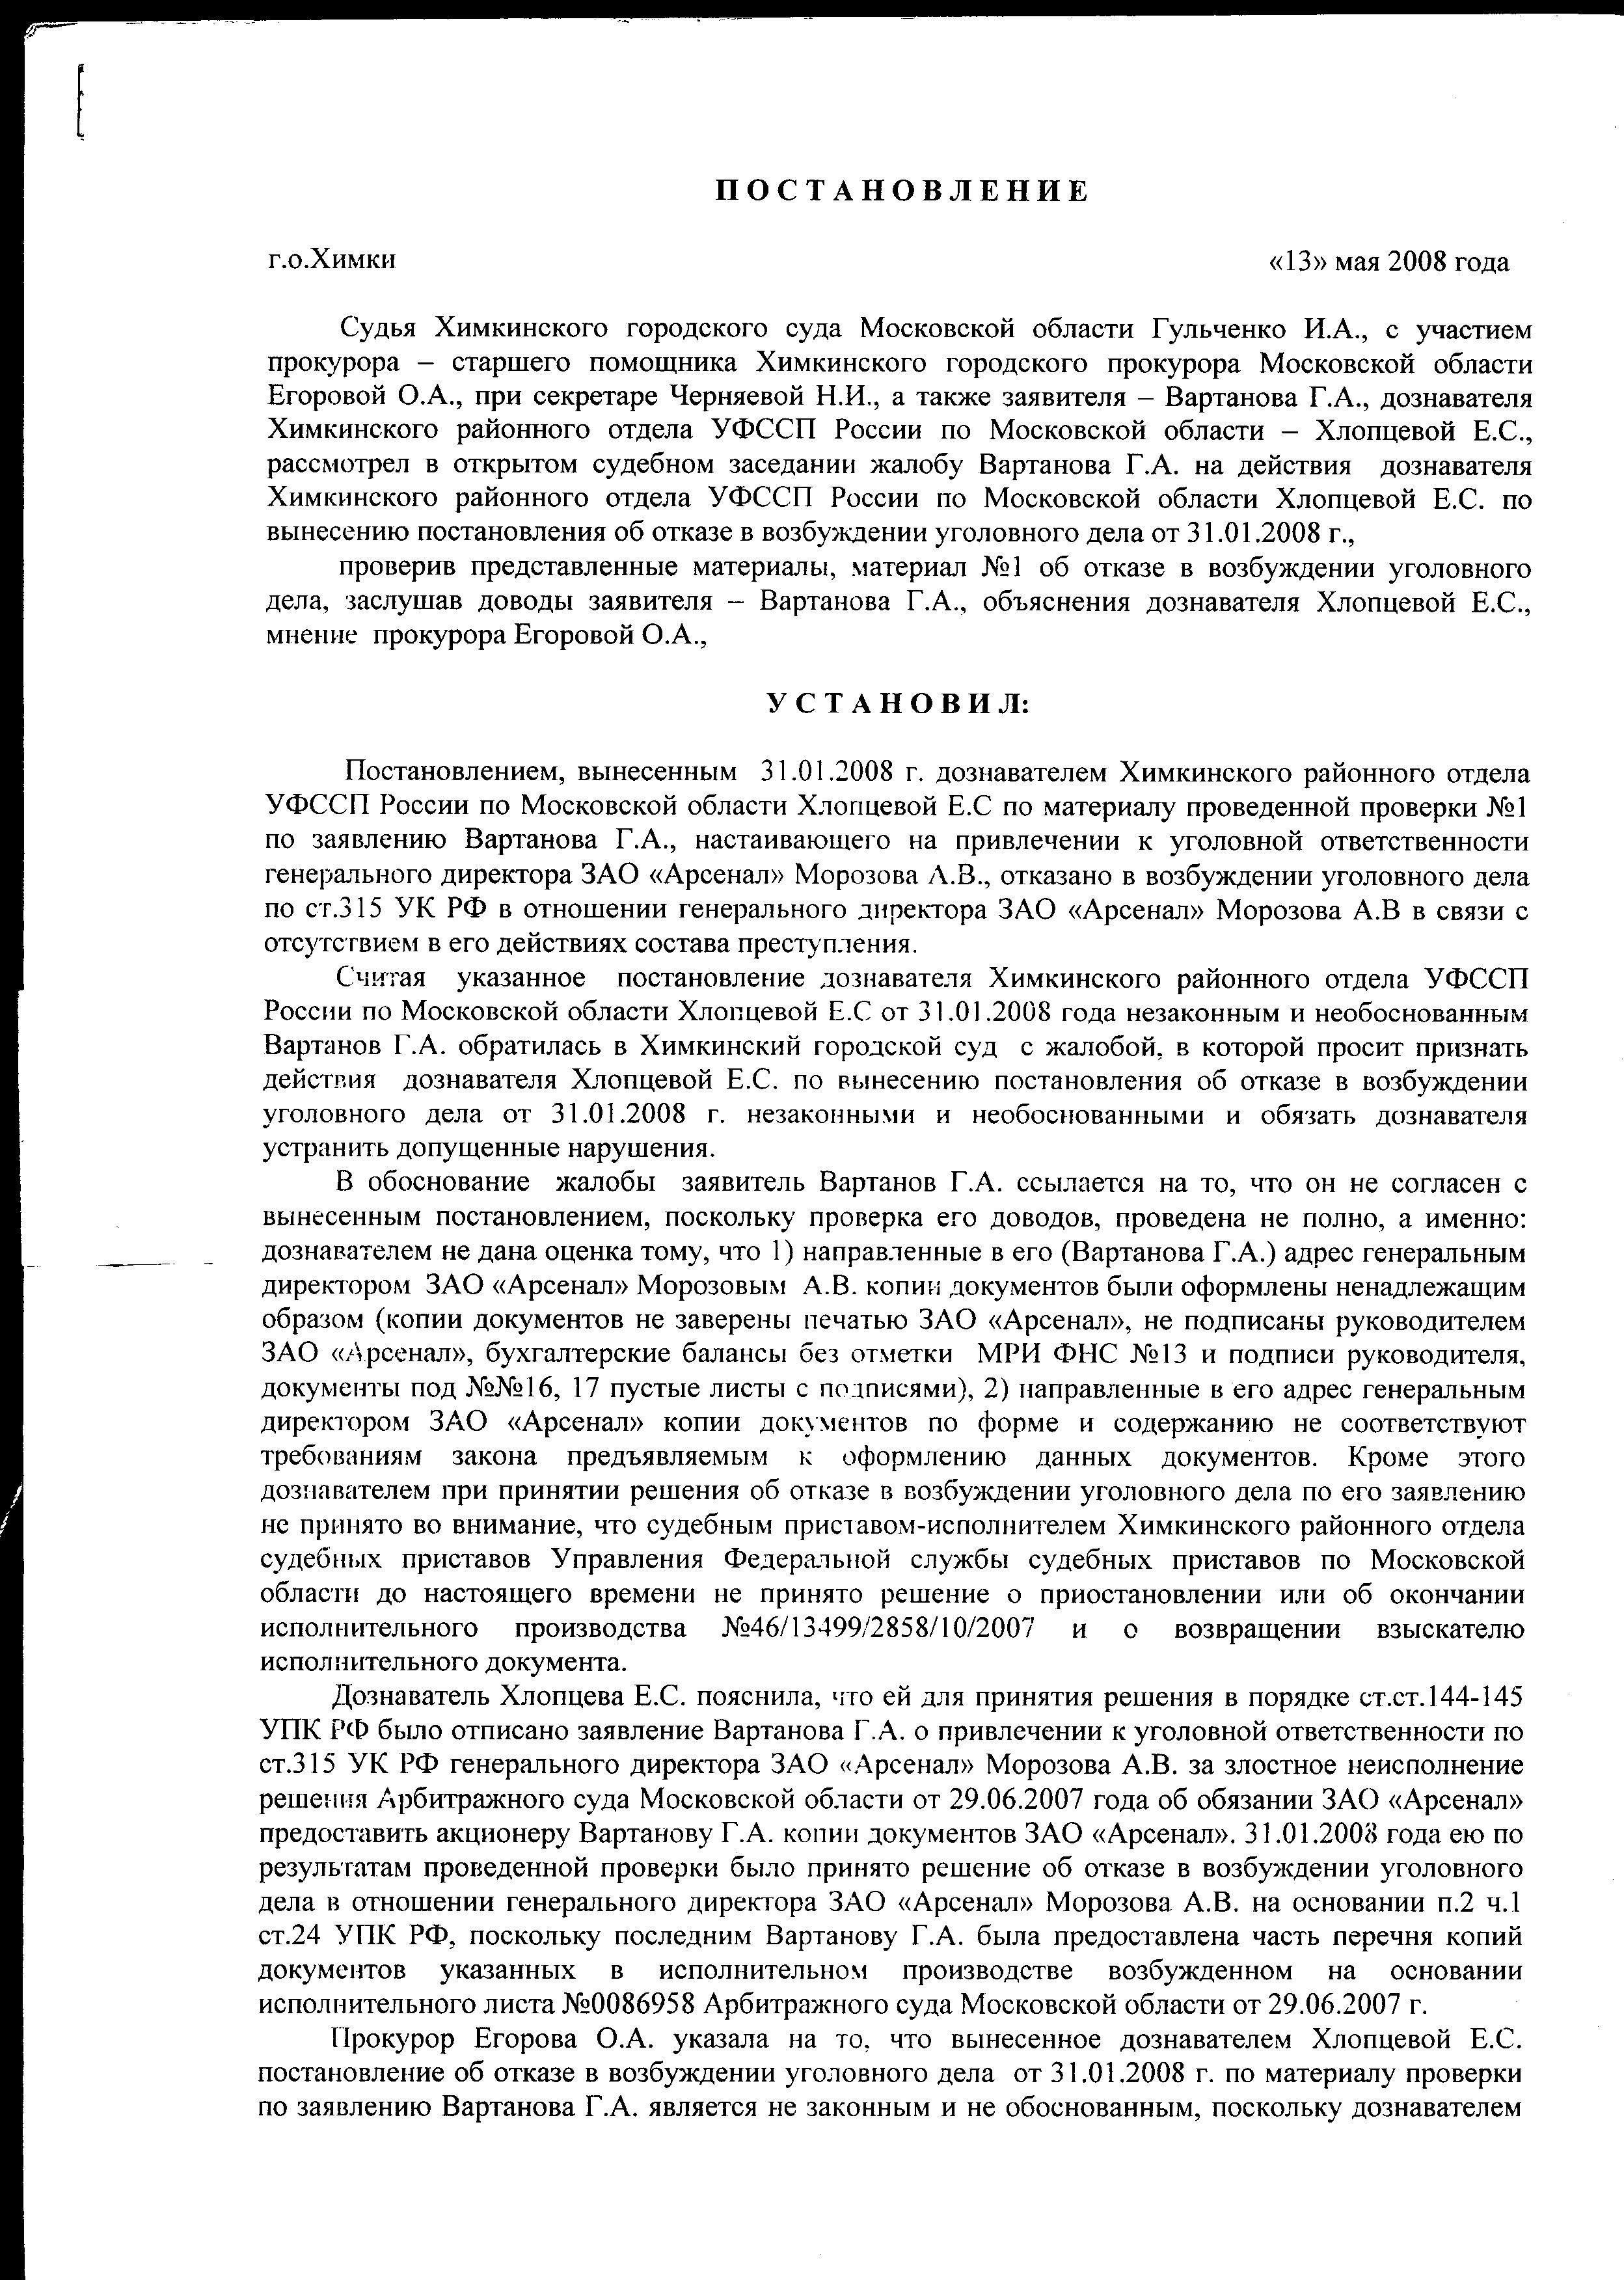 Постановление по УФССП 1